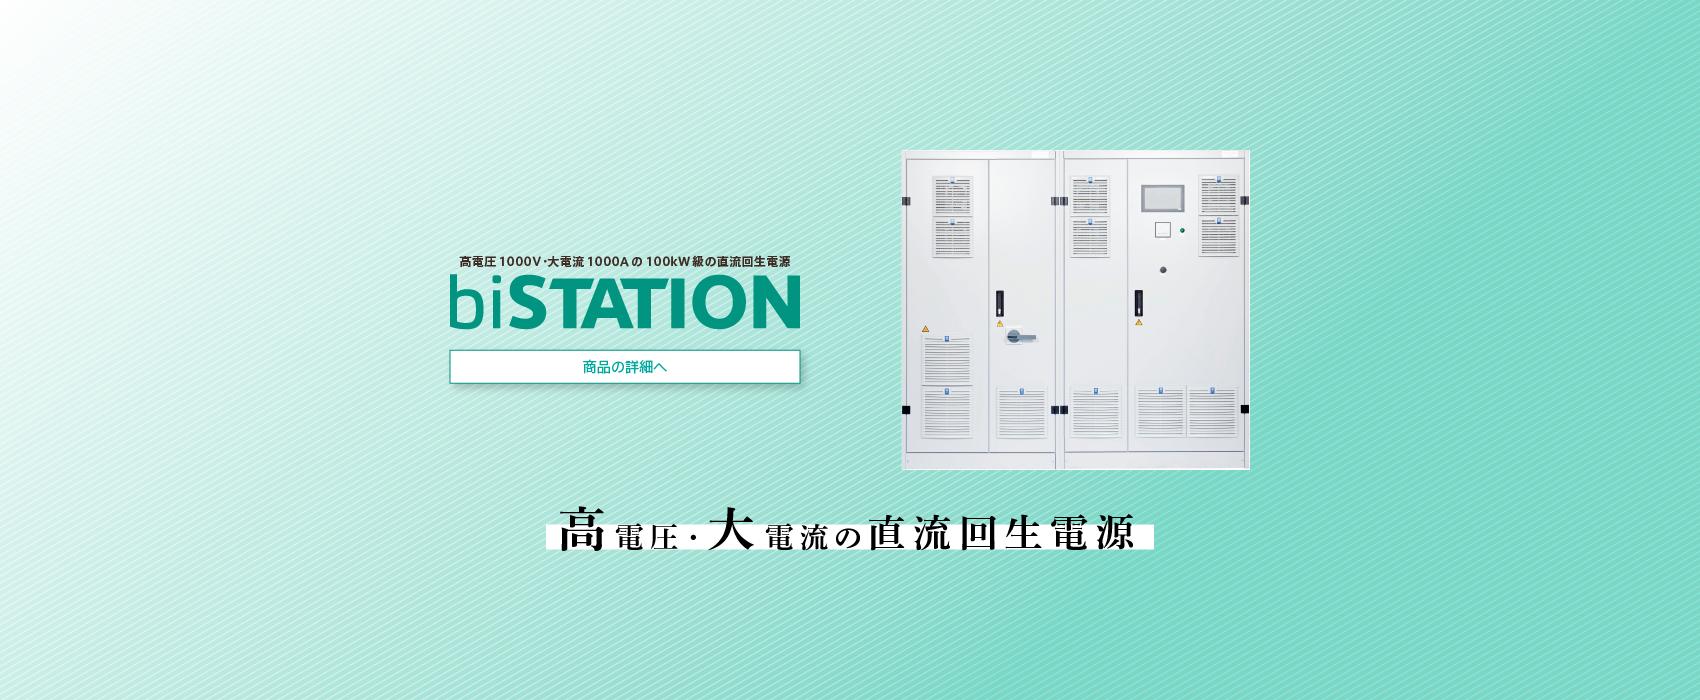 大容量回生型電源biSTATION:高電圧1000V、大電流1000A、100kWクラスの大型回生電源